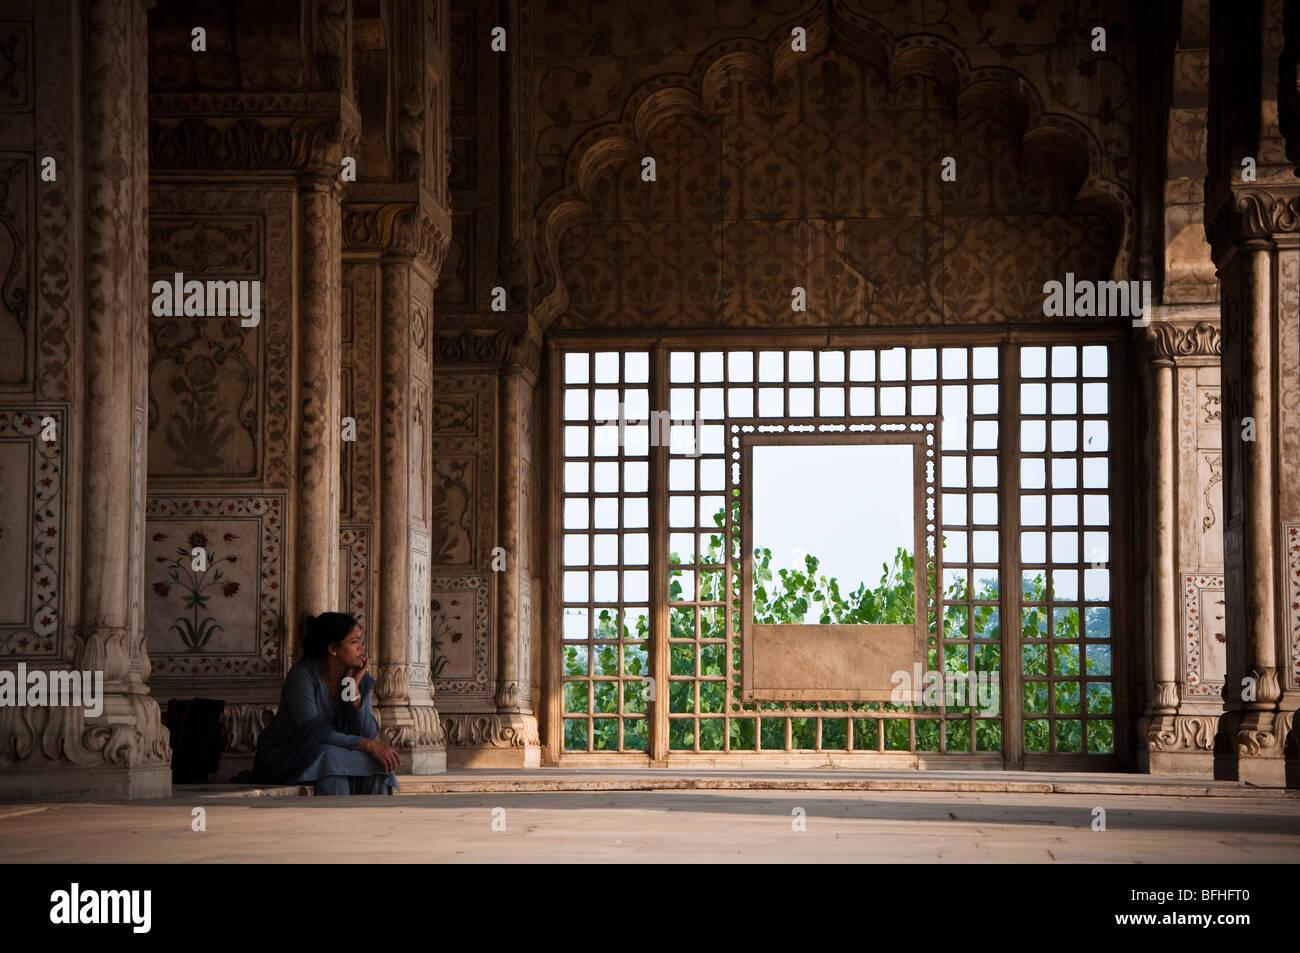 Una donna indiana si siede da solo in un tempio di Vecchia Delhi, India Foto Stock